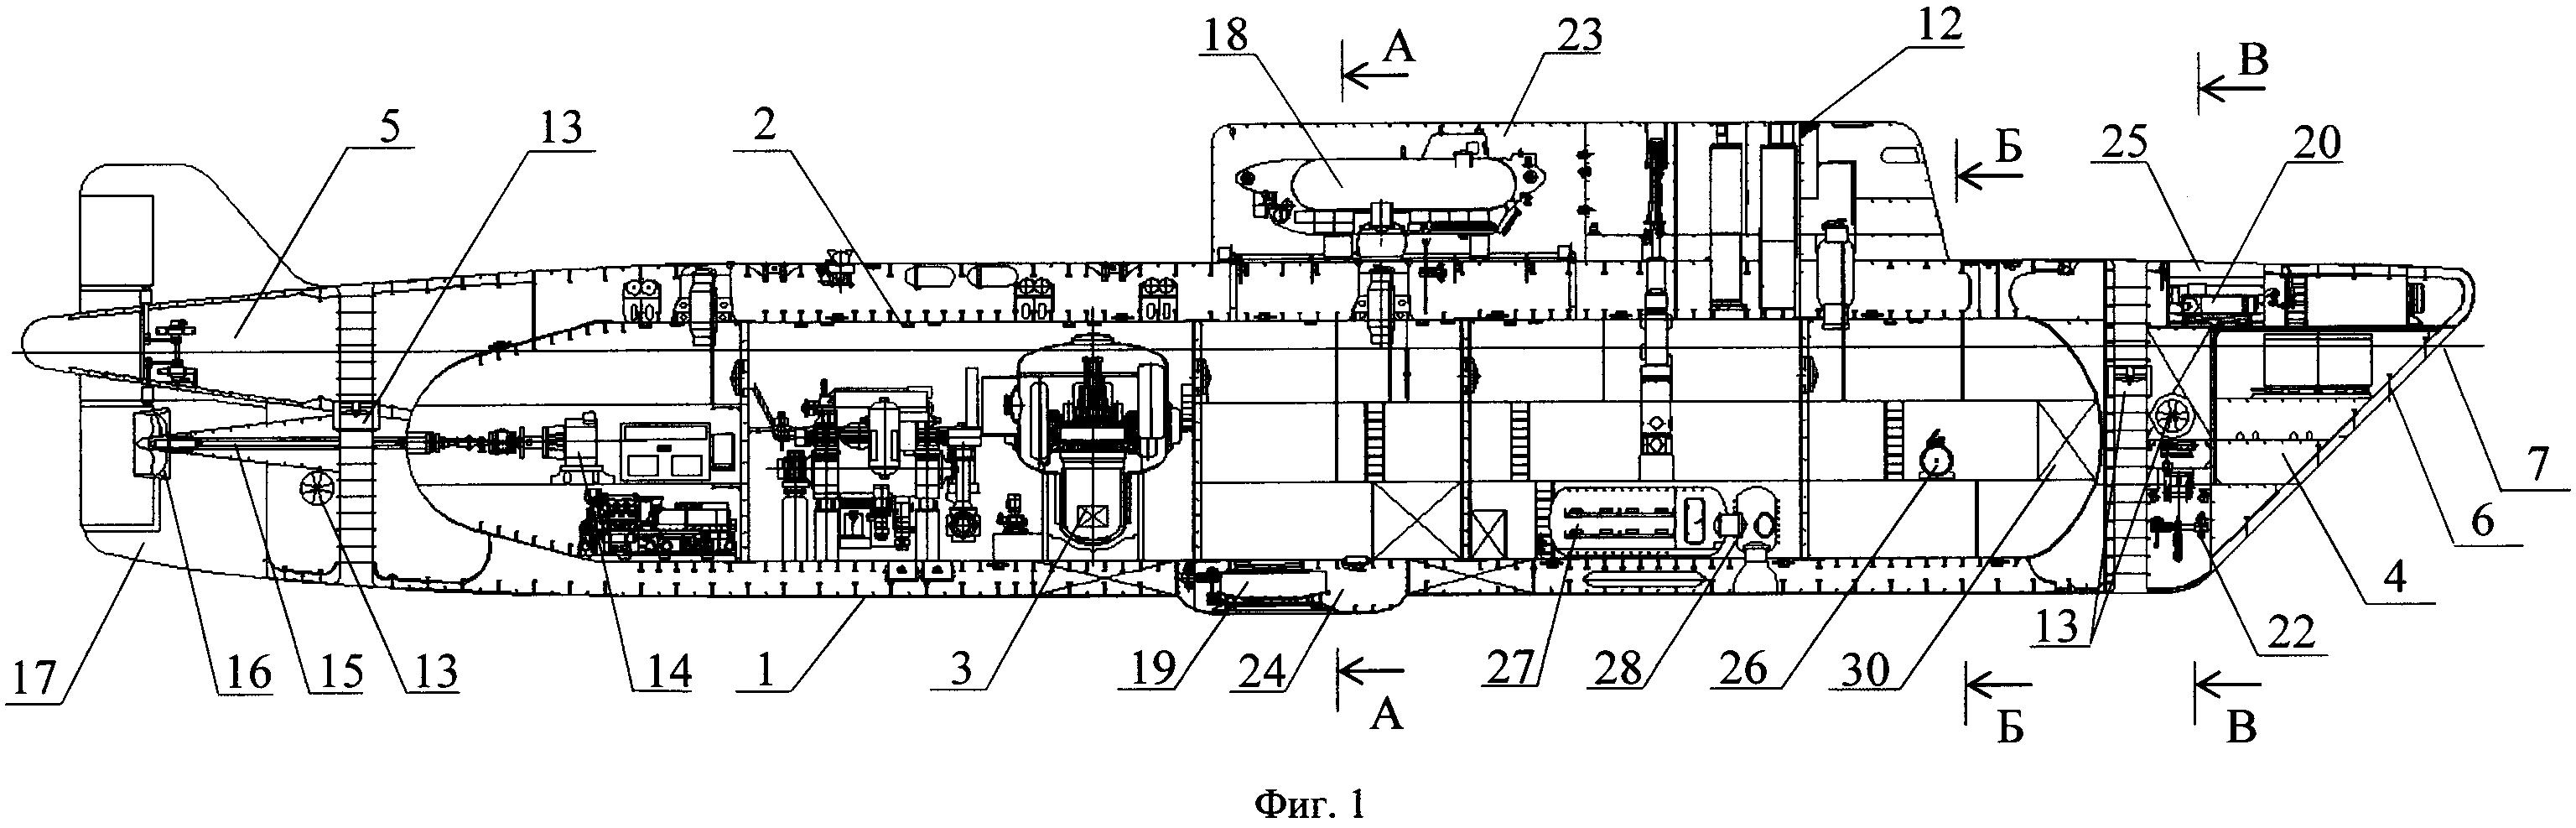 Подводное судно для обслуживания подводных добычных комплексов на арктическом шельфе и других подводно-технических работ